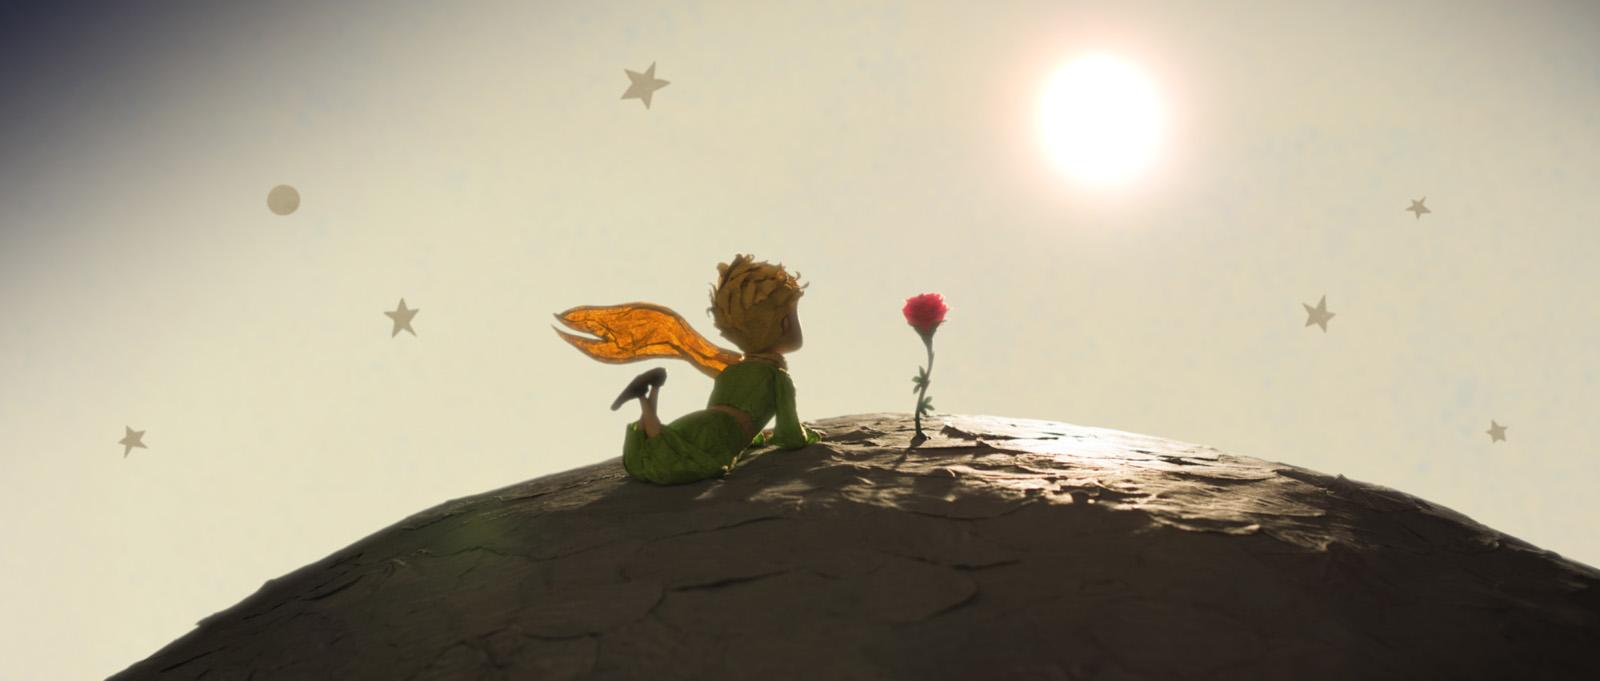 """Filme O Pequeno Principe 2015 in cinema no escurinho: """"o pequeno príncipe"""" - para ver com o coração"""